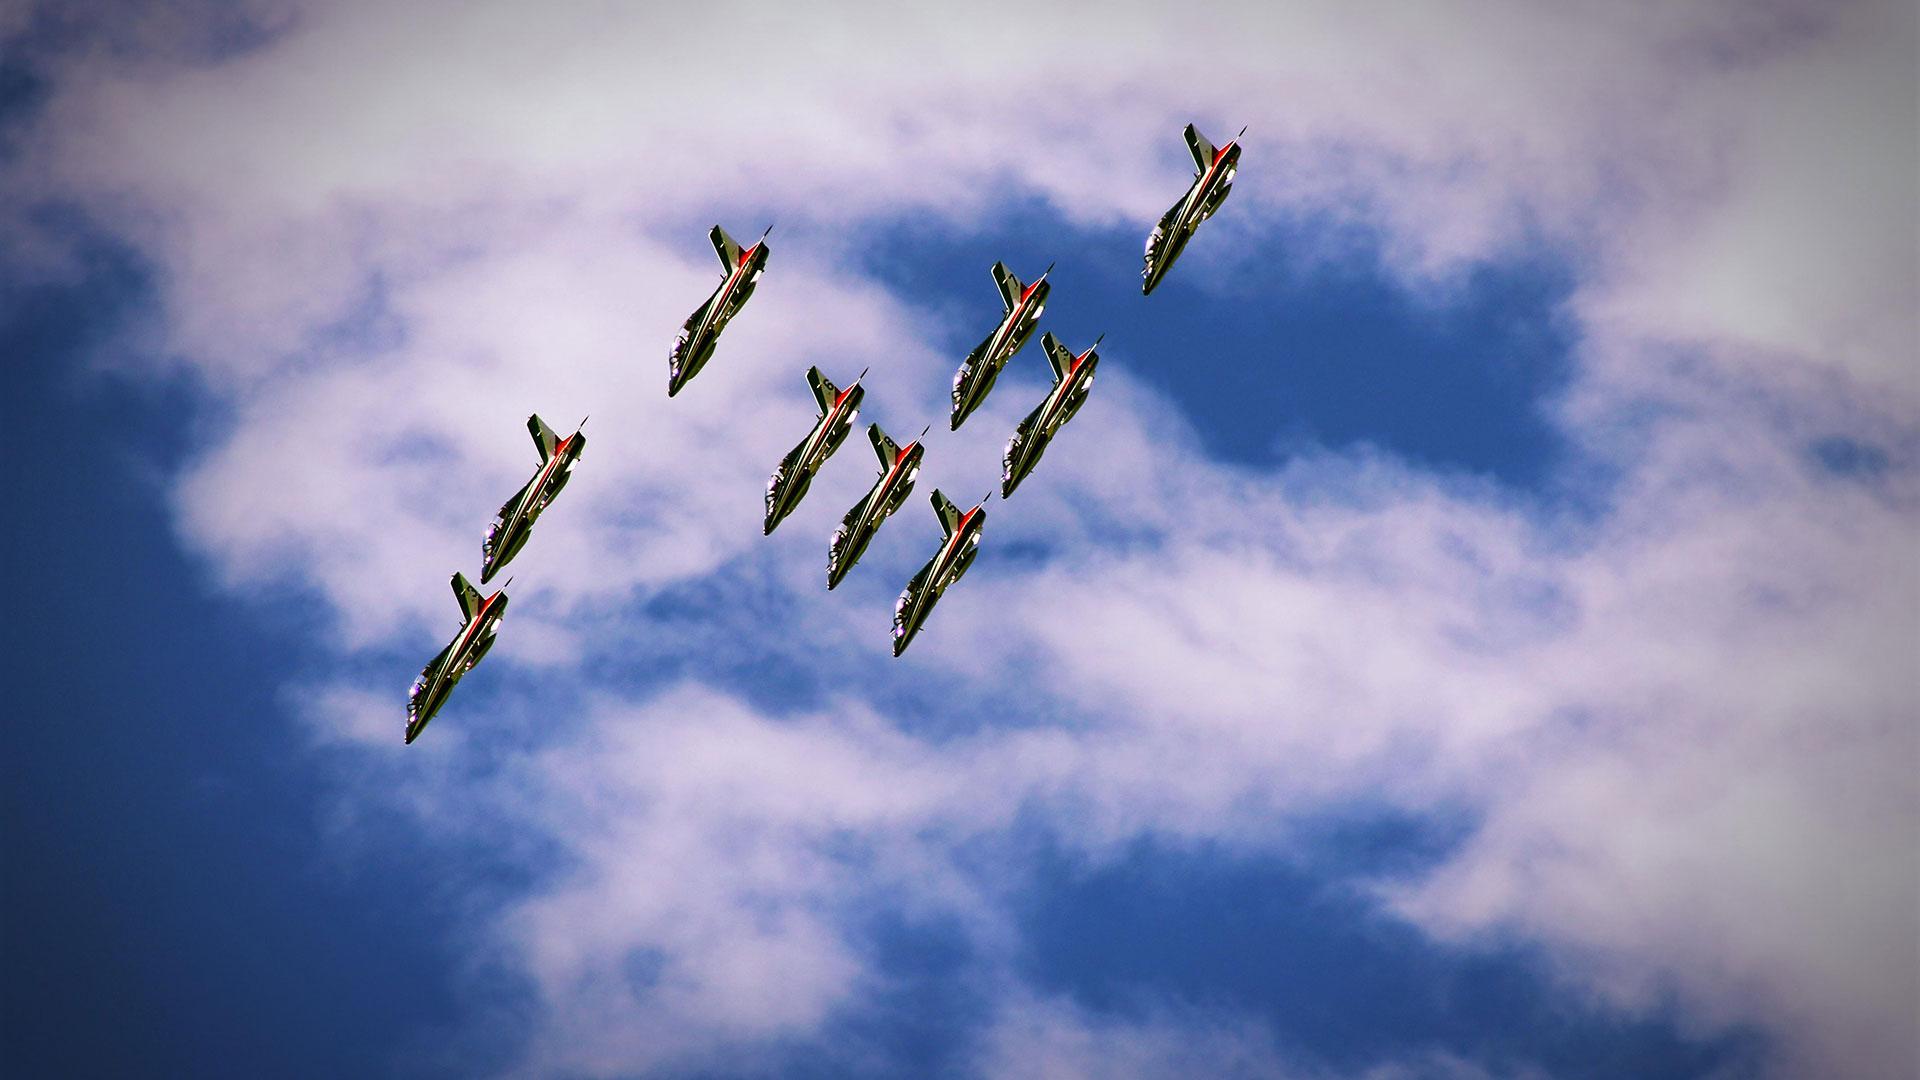 frecce-tricolori-60-anni-pan-pattuglia-acrobatica-nazionale-aeronautica-militare-(30)